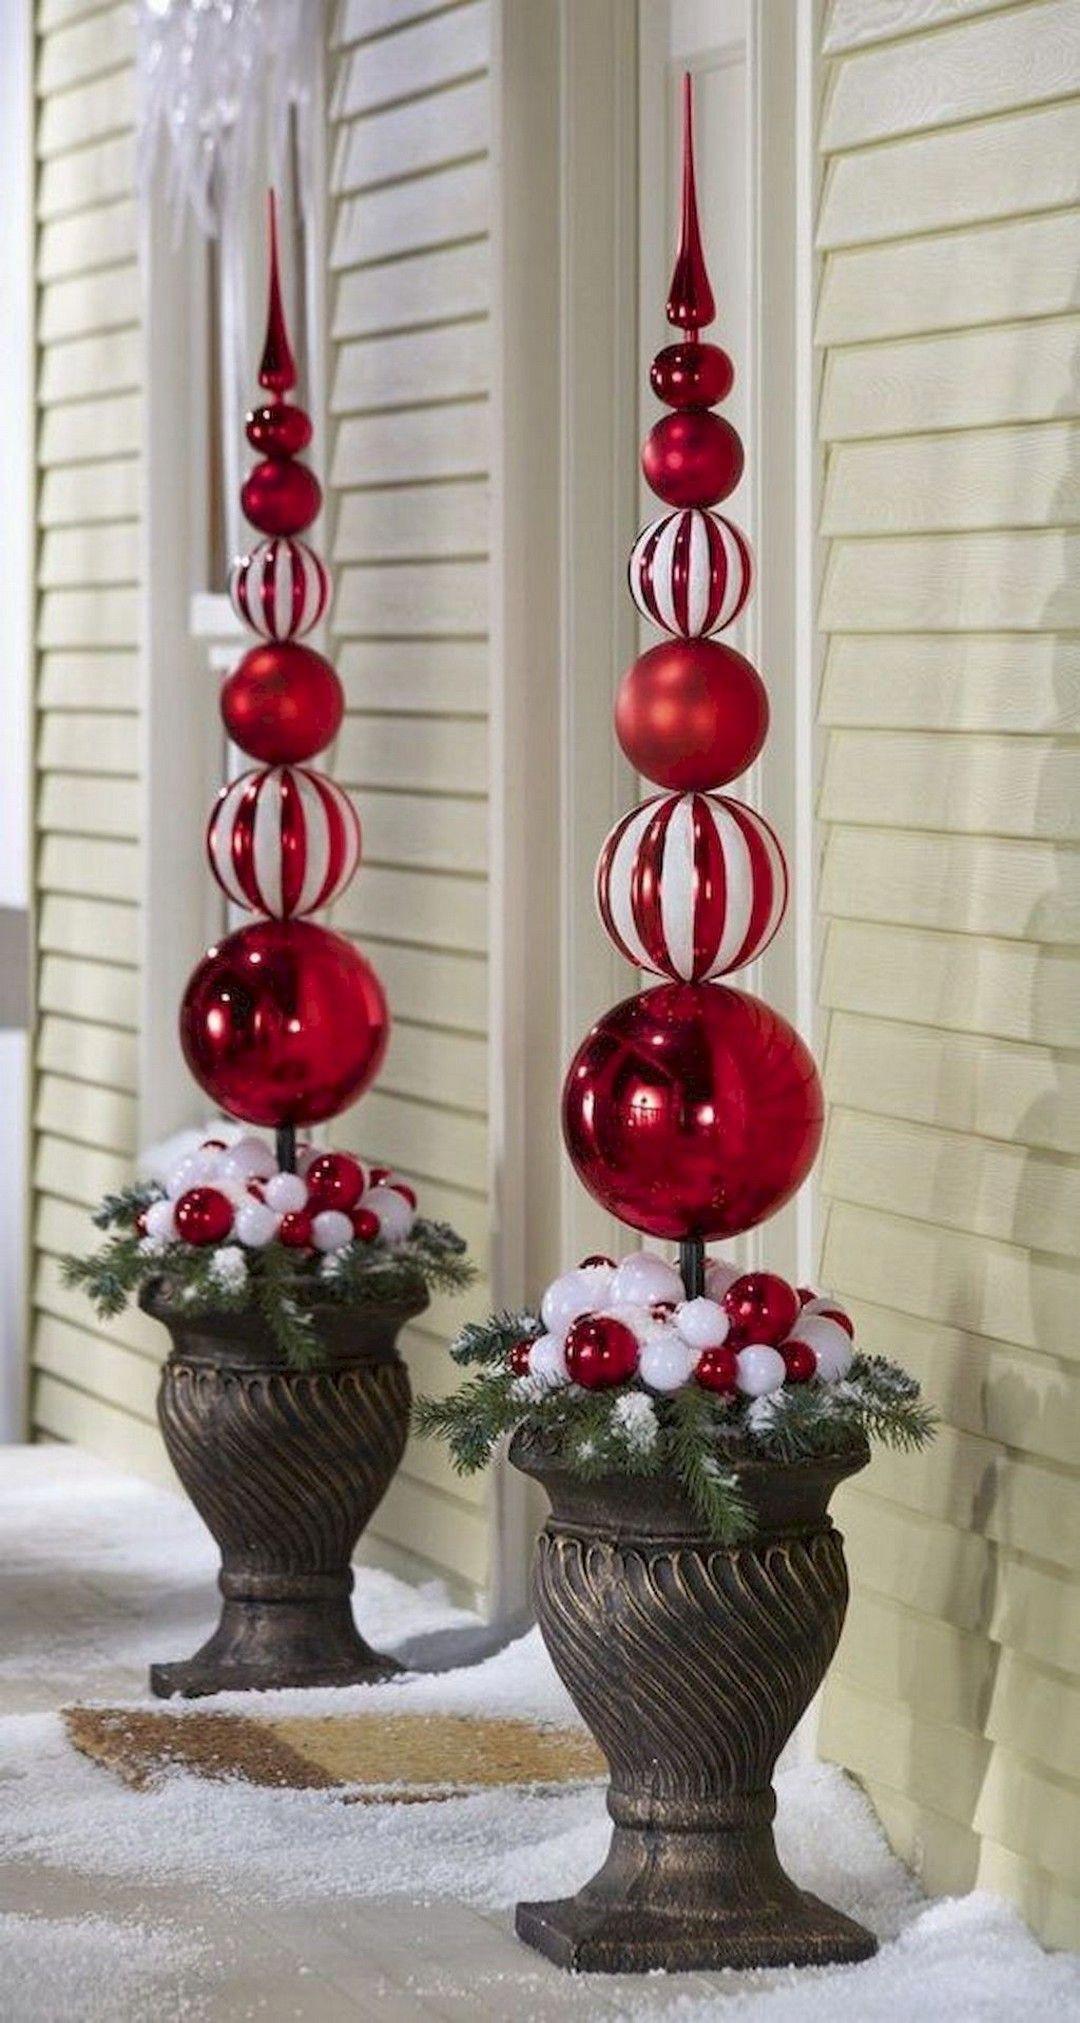 One Of The Fantastic Ways To Bring Your Yard To Life With Flashes Of Color Nature S Music And Juledekorasjoner Diy Egenlagde Juledekorasjoner Juledekorasjoner